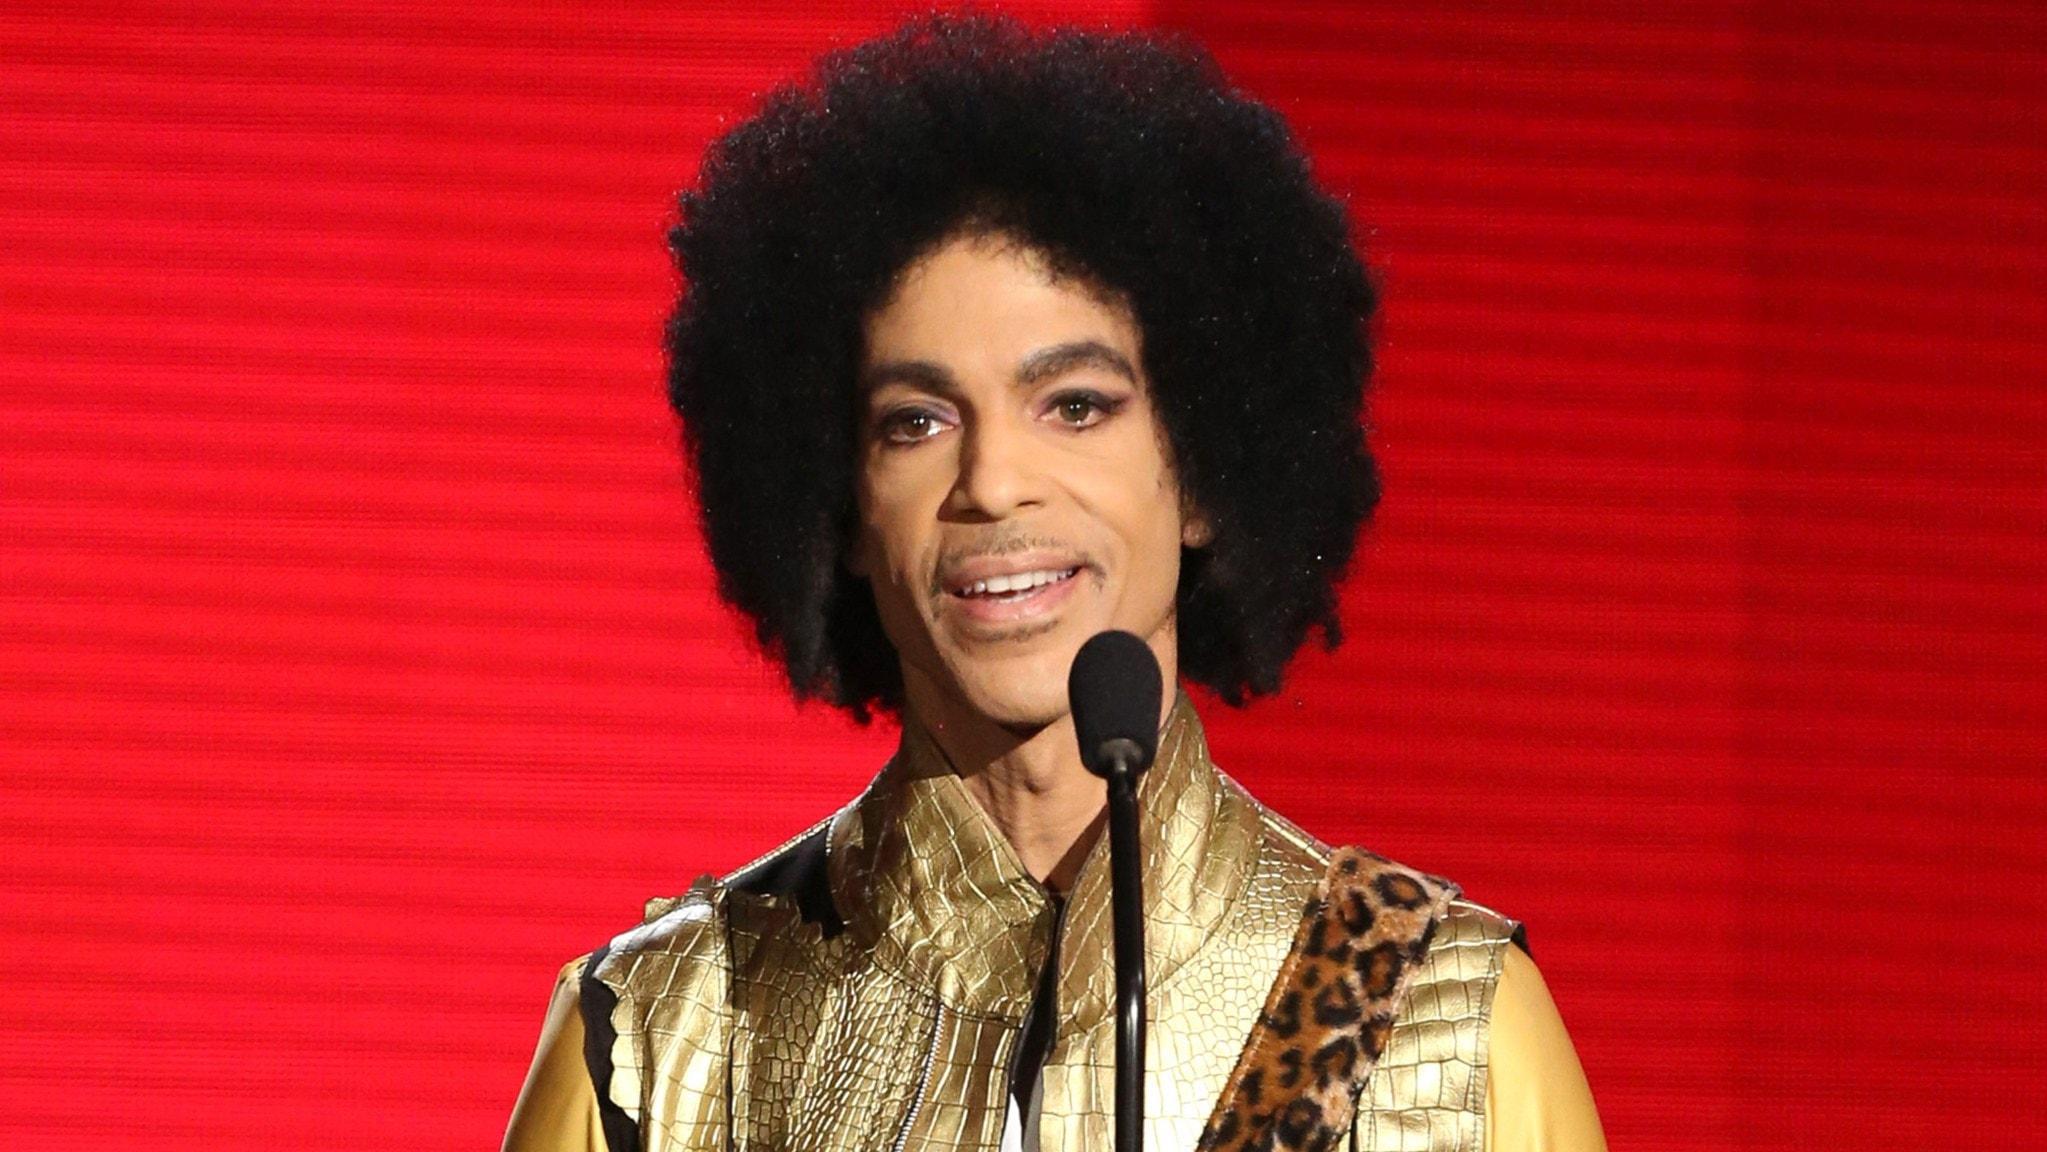 Prince – mannen som förändrade världen